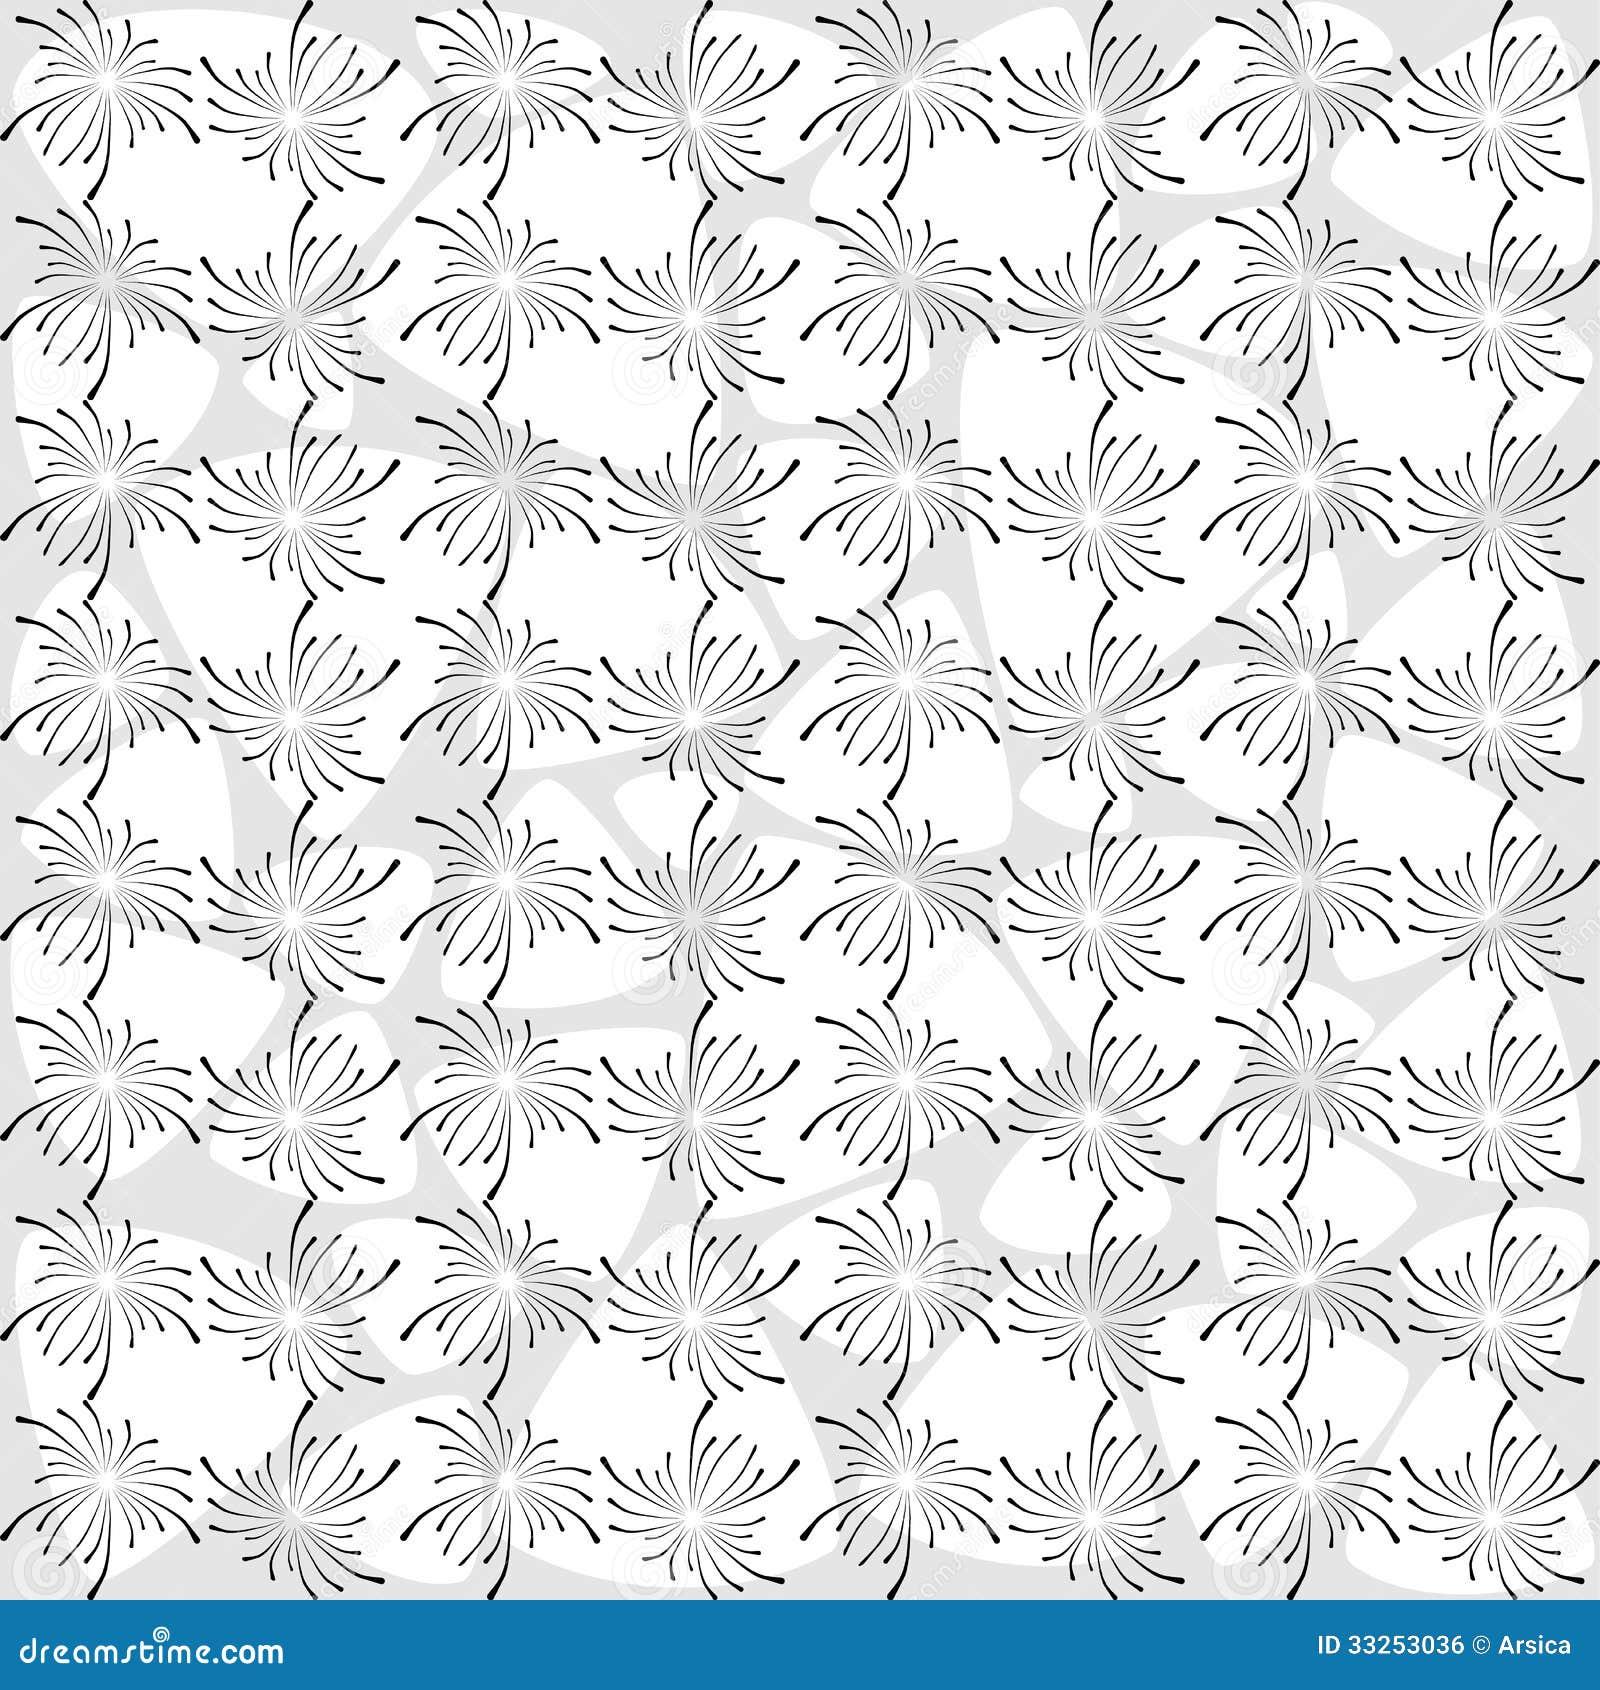 Papier Peint Noir Et Blanc Moderne Image Libre De Droits Image 33253036